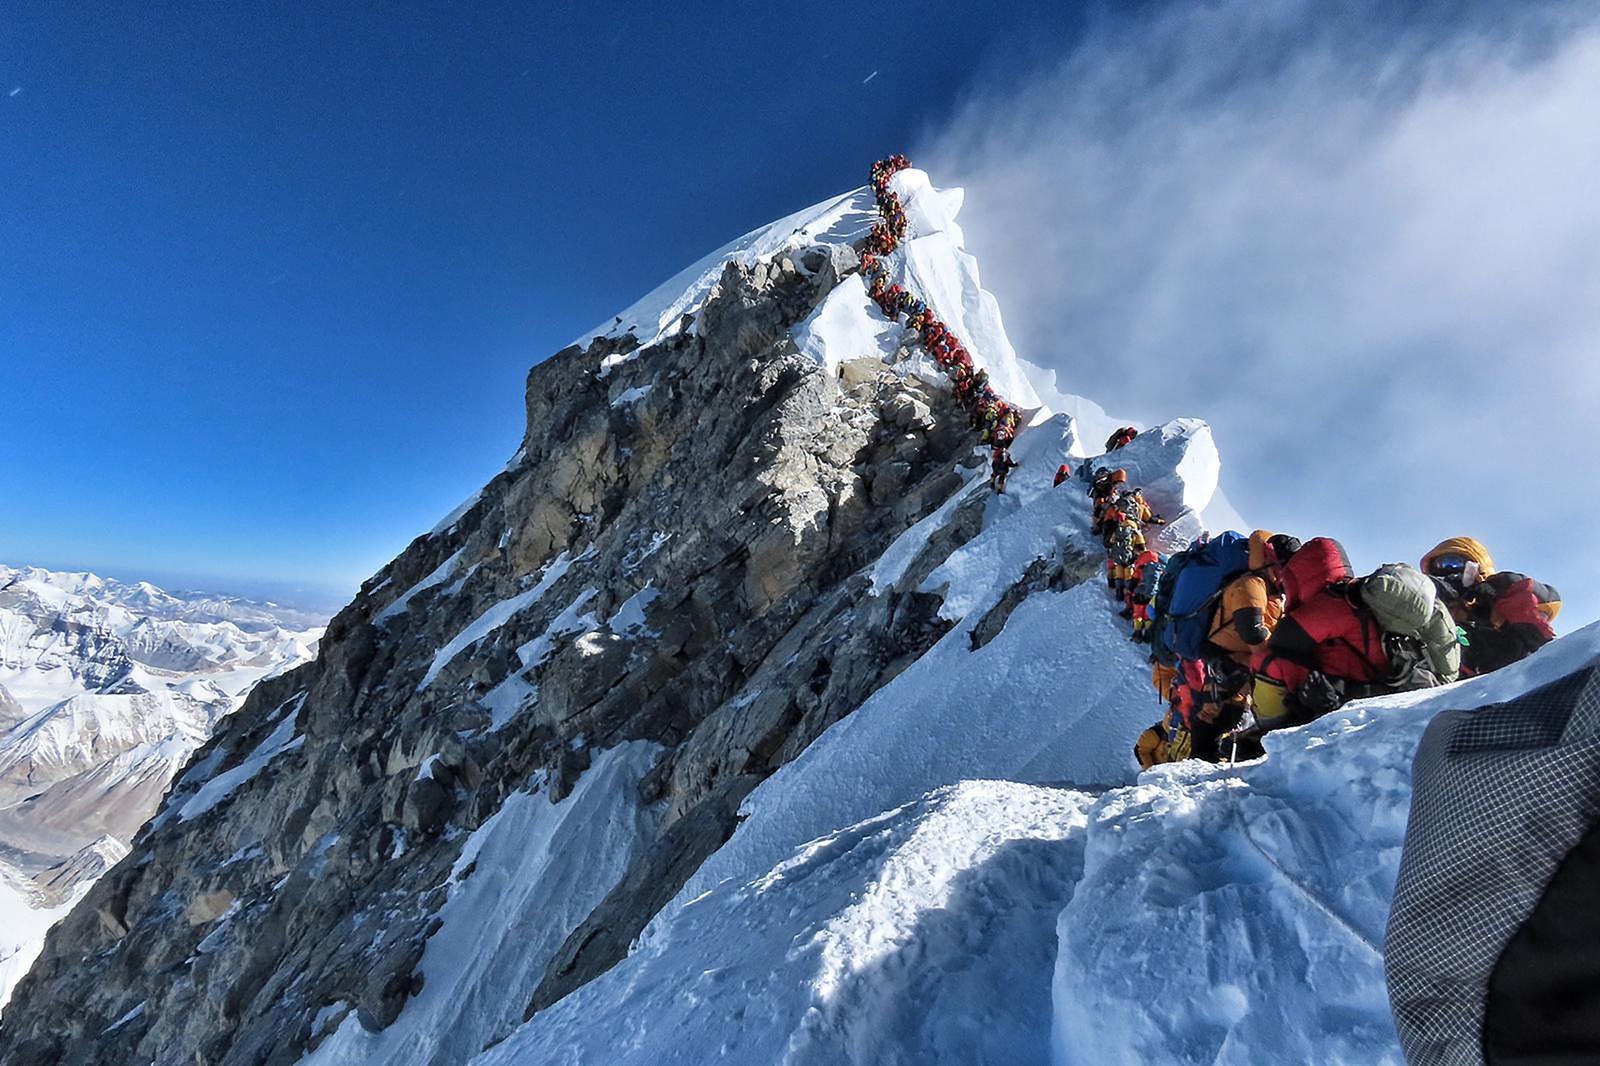 Everest tem 4 mortes; foto mostra superlotação de escaladores no topo da montanha